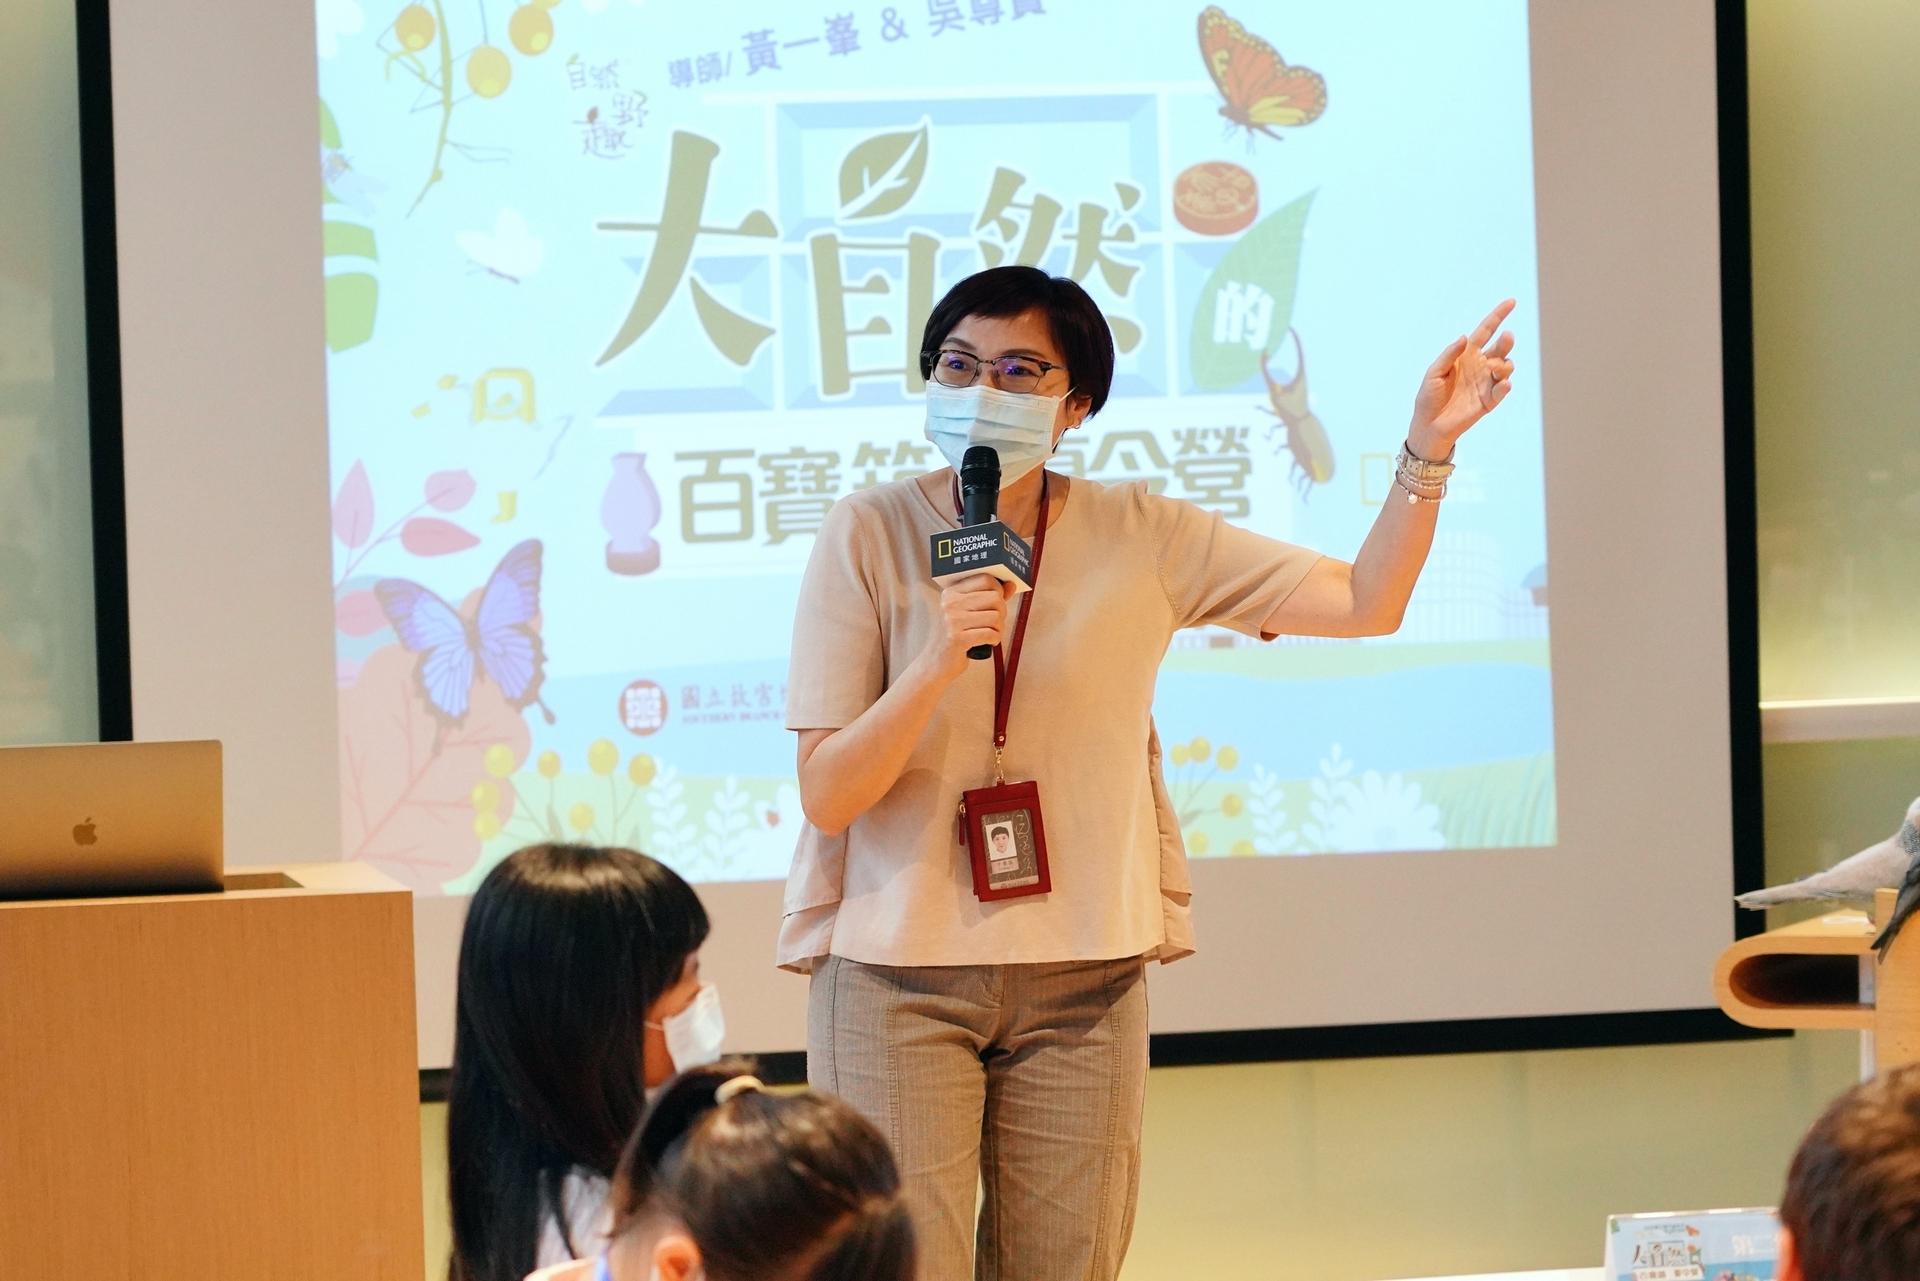 遊嘉義玩藝術,故宮南院「夏日親子藝術月」帶給孩子跨域學習新體驗